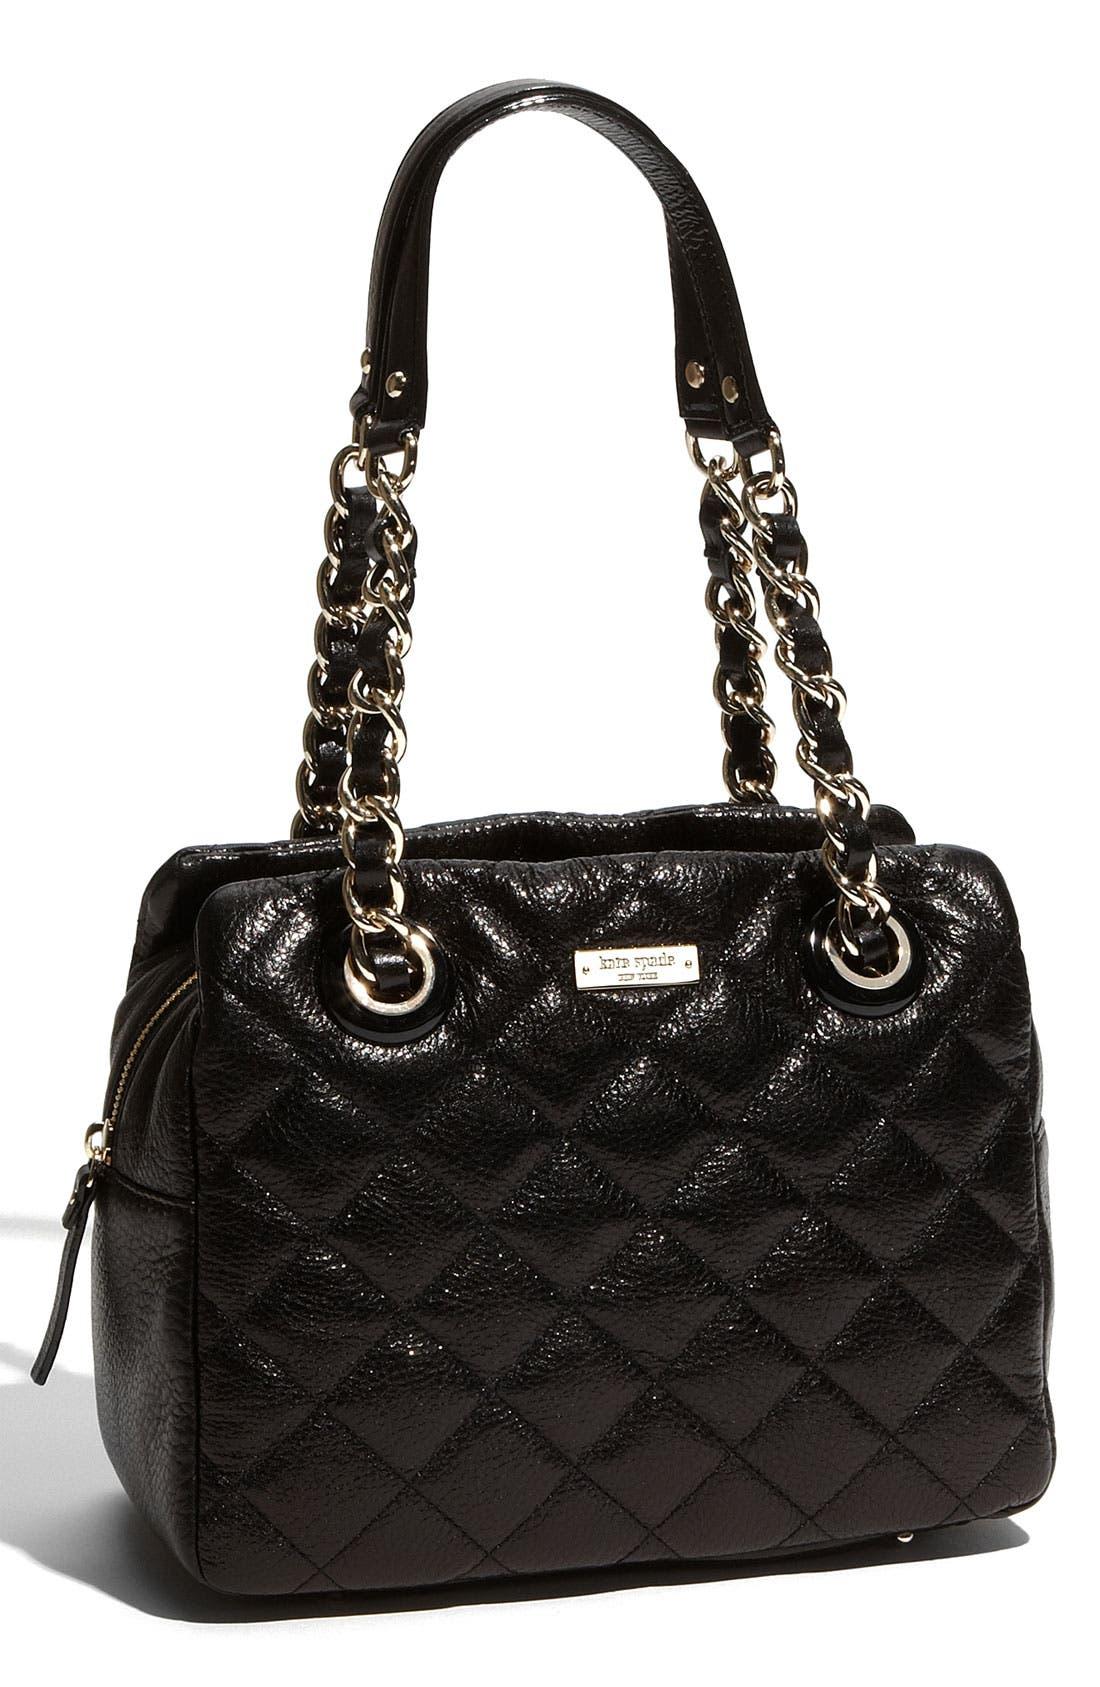 Main Image - kate spade new york 'gold coast - elizabeth' quilted leather shoulder bag